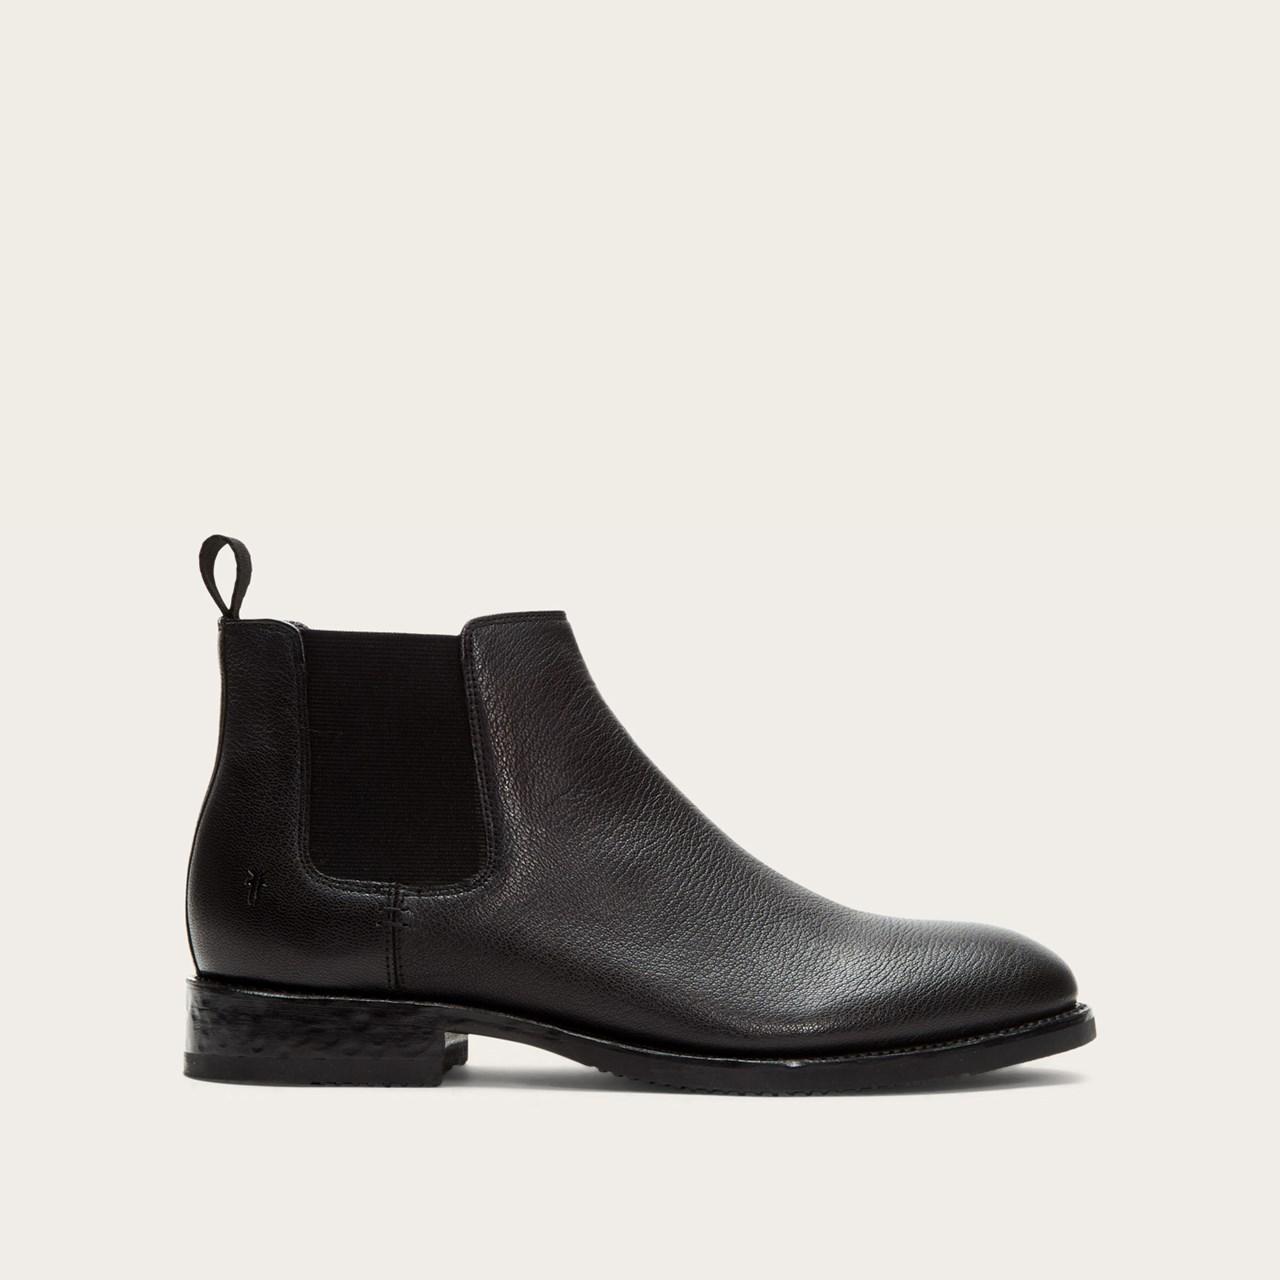 Frye Corey Chelsea boots.jpg